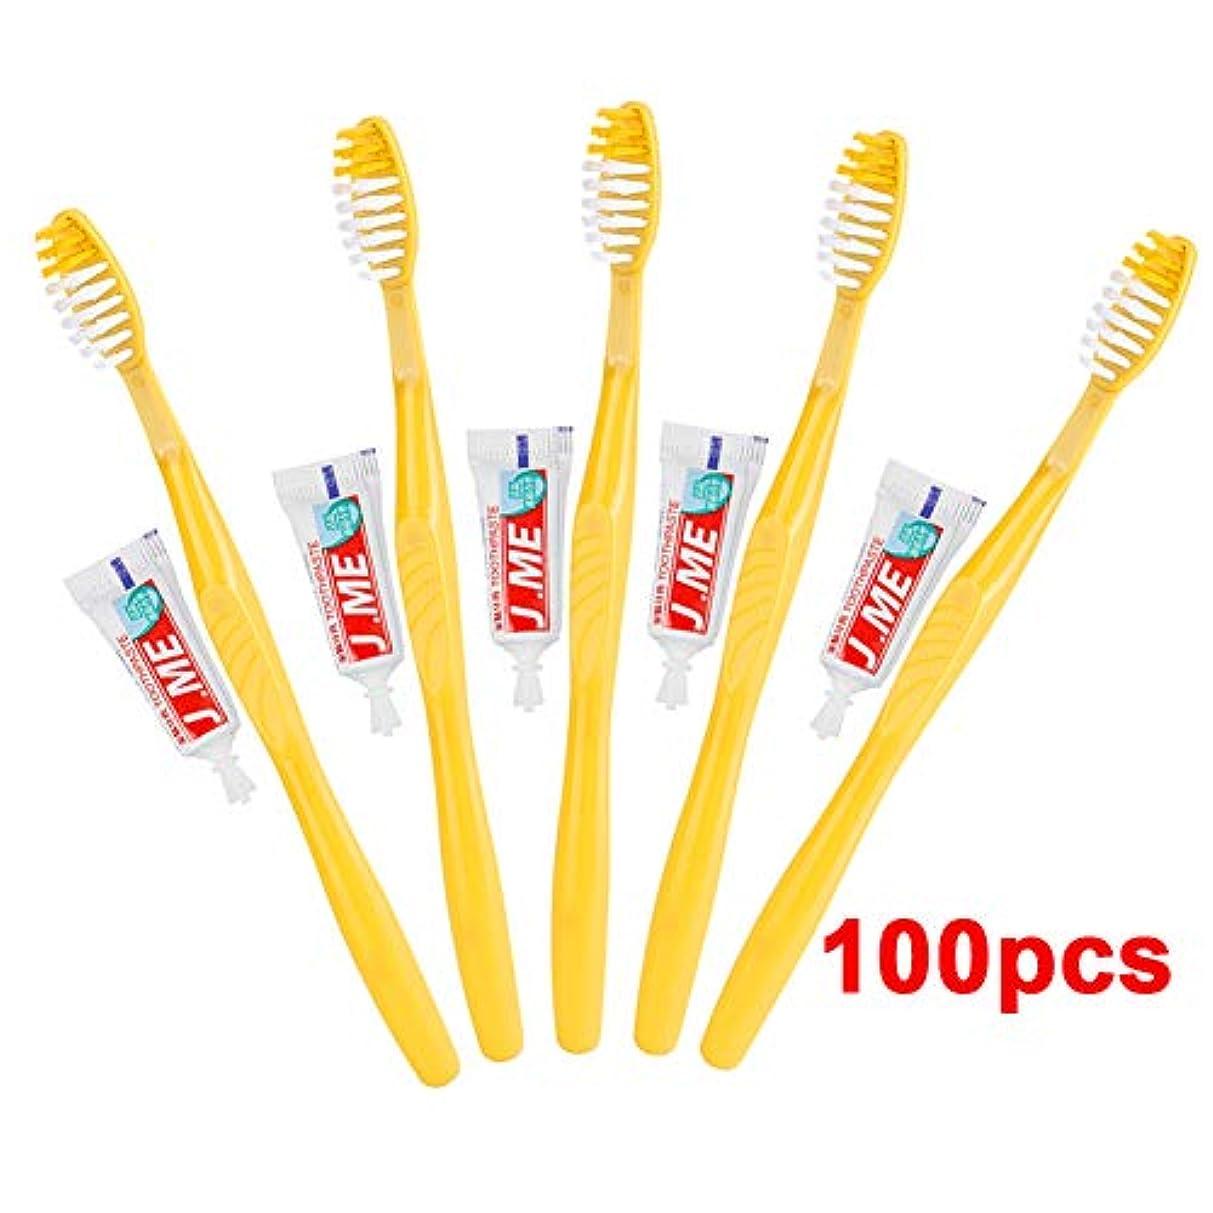 マニア微生物スパークDoo 超安い 100本入り 業務用使い捨て歯ブラシセット ハミガキ粉付き 使い捨て歯ブラシ ビジネス ホテル 工業用